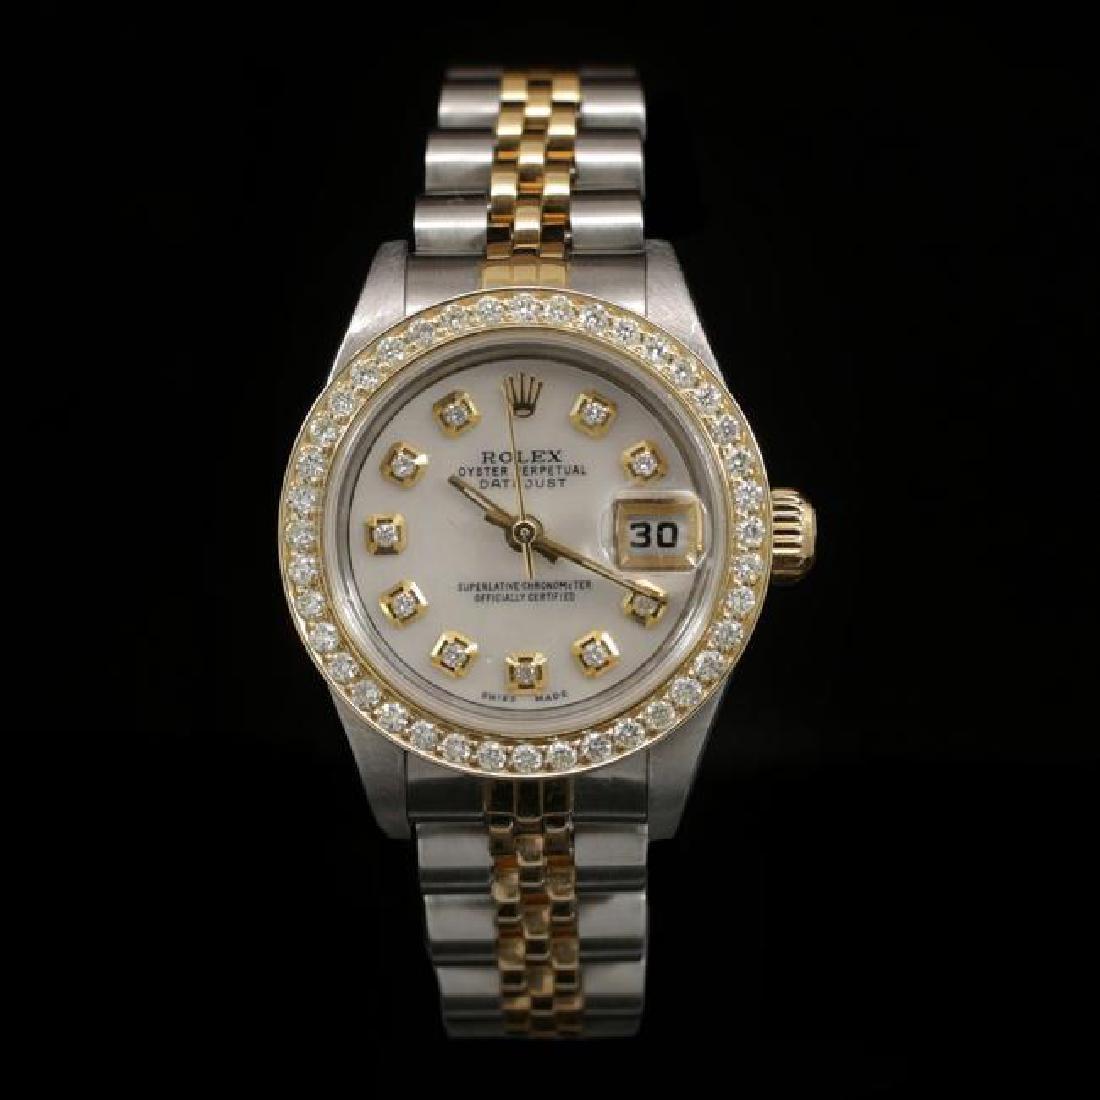 Rolex DateJust Two-Tone 26mm Custom Diamond Bezel